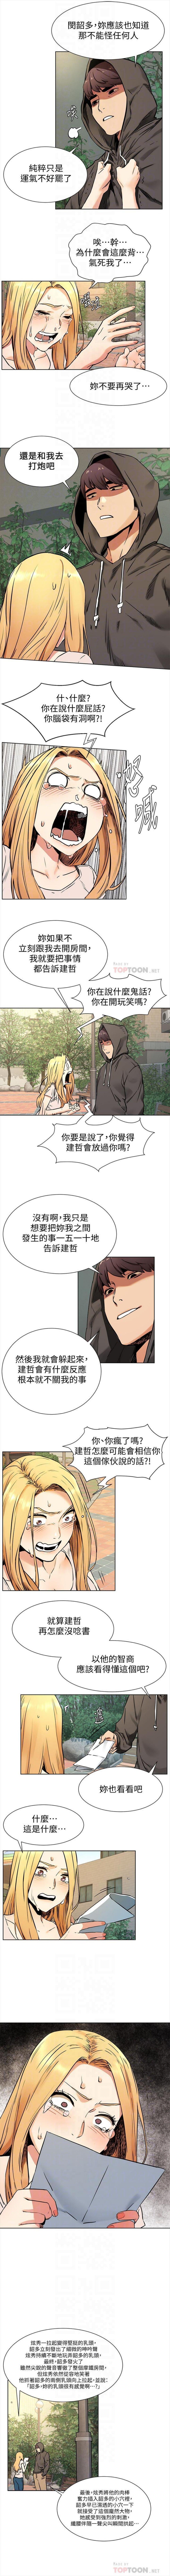 衝突 1-100官方中文(連載中) 466